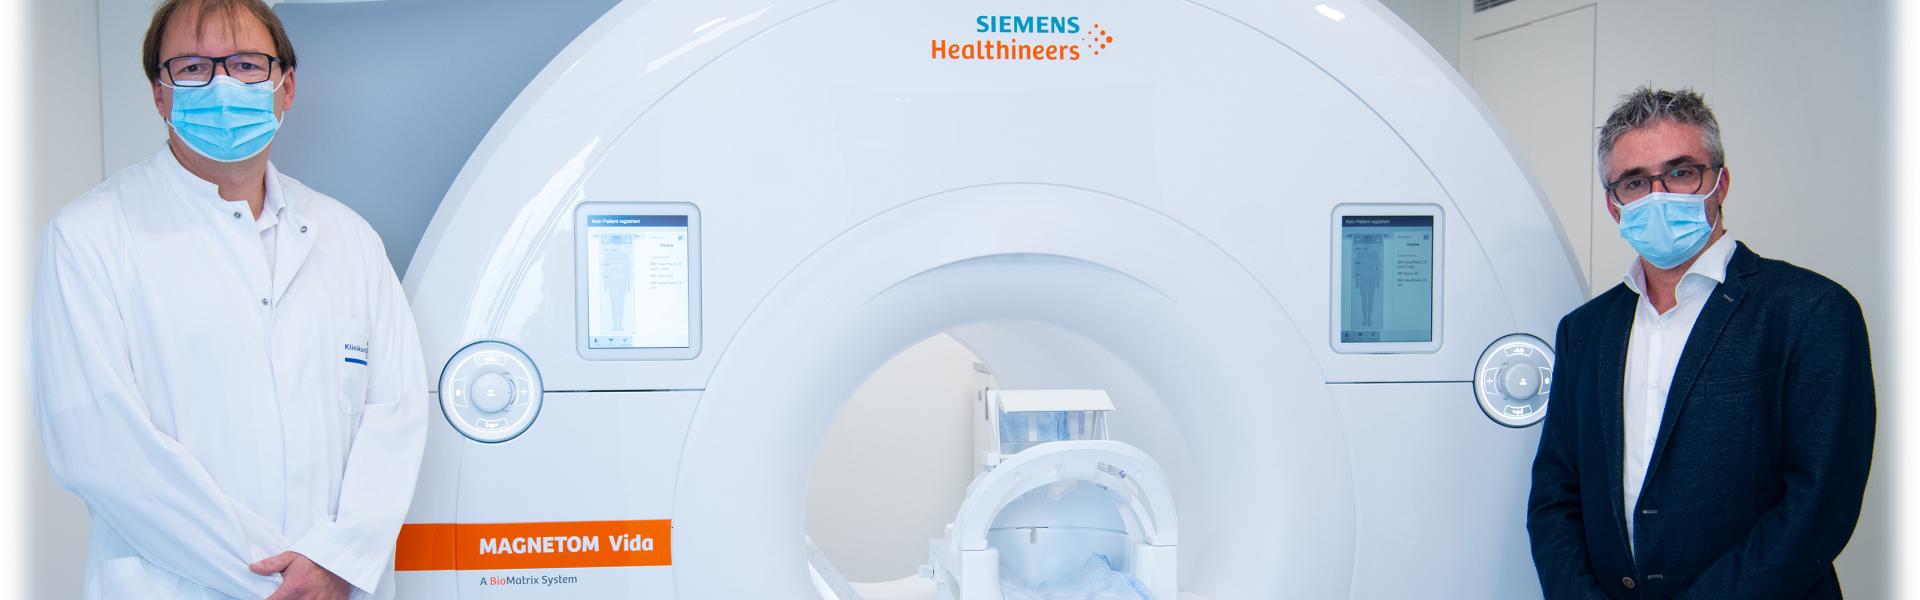 Header Bild Klinikum Darmstadt investiert in moderne Medizintechnik